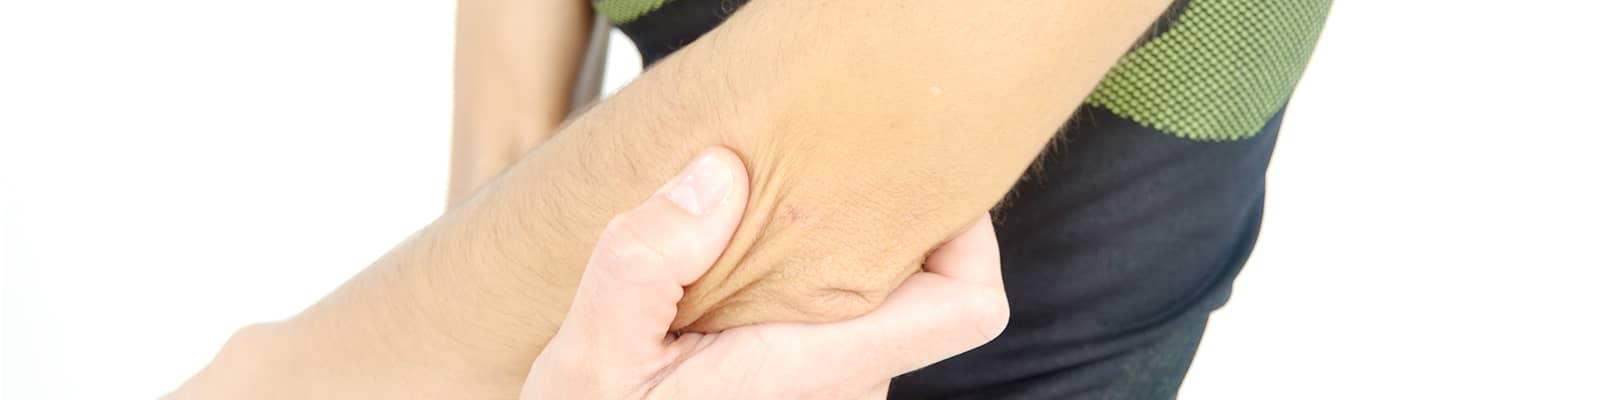 Automasajes para hombro y brazo